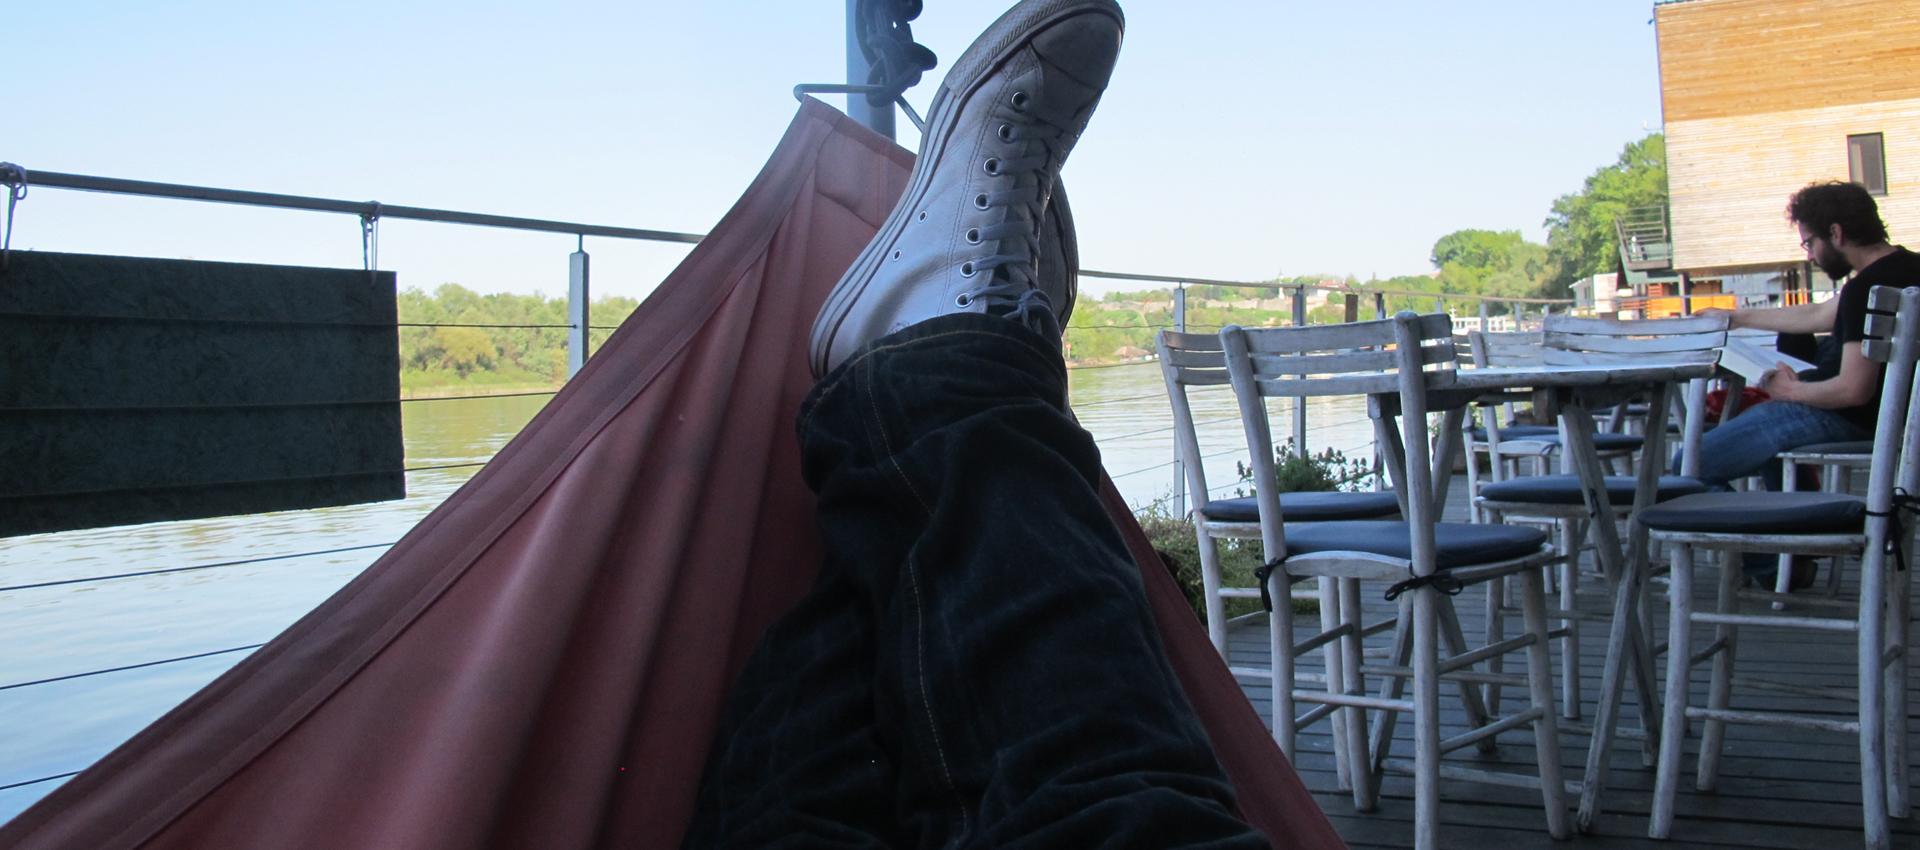 hostel-slide-5